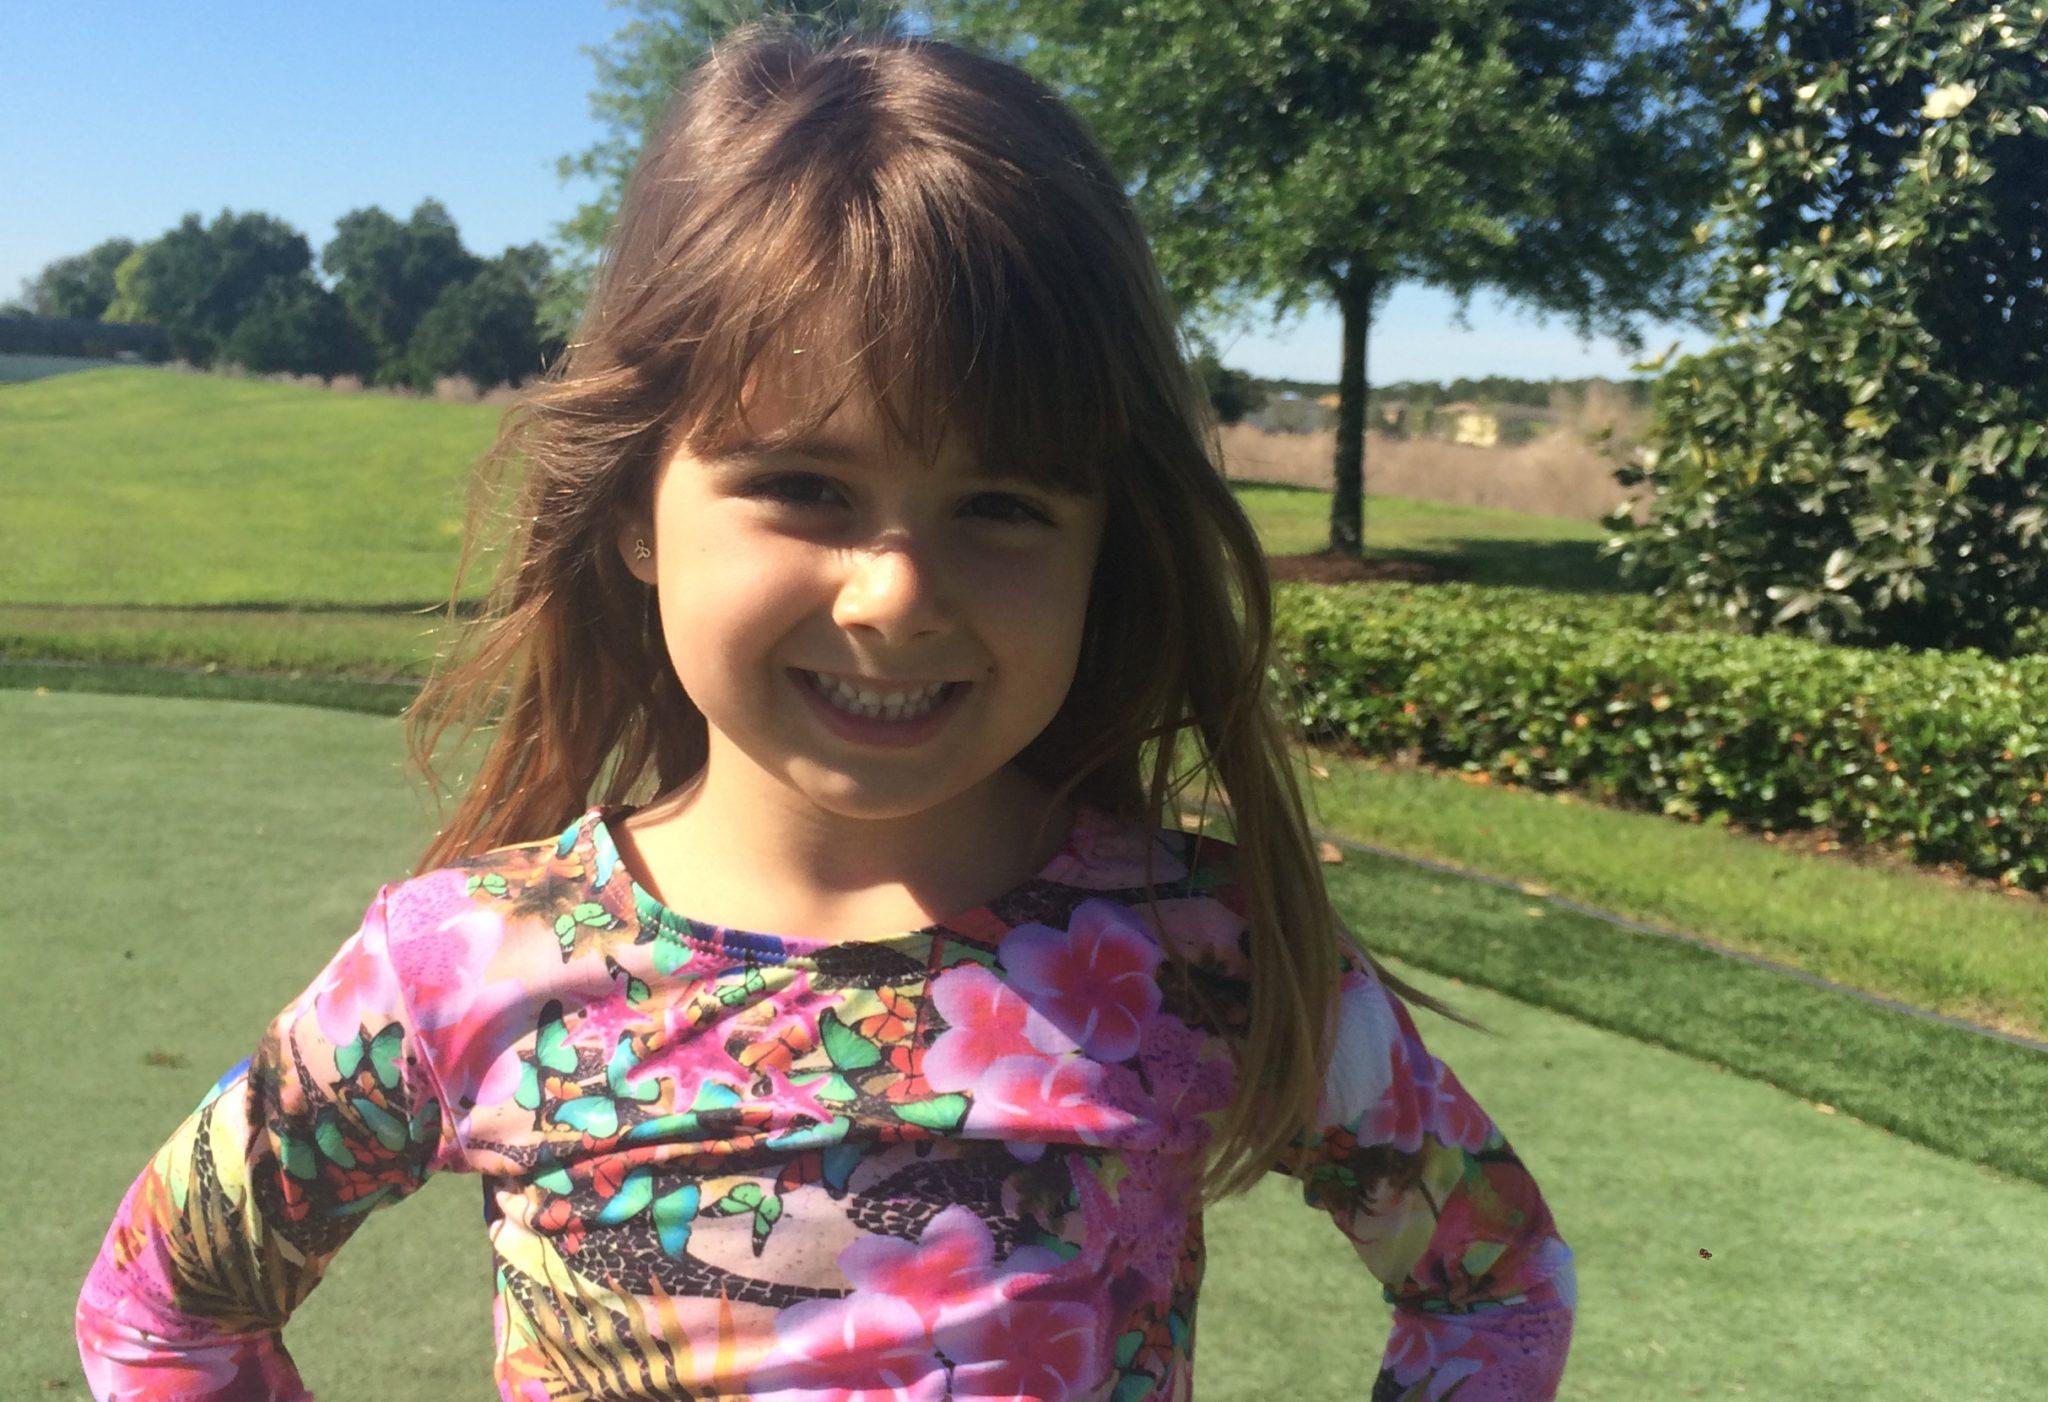 Filhos Crescem Rápido Demais Família Muda Tudo O Melhor Blog